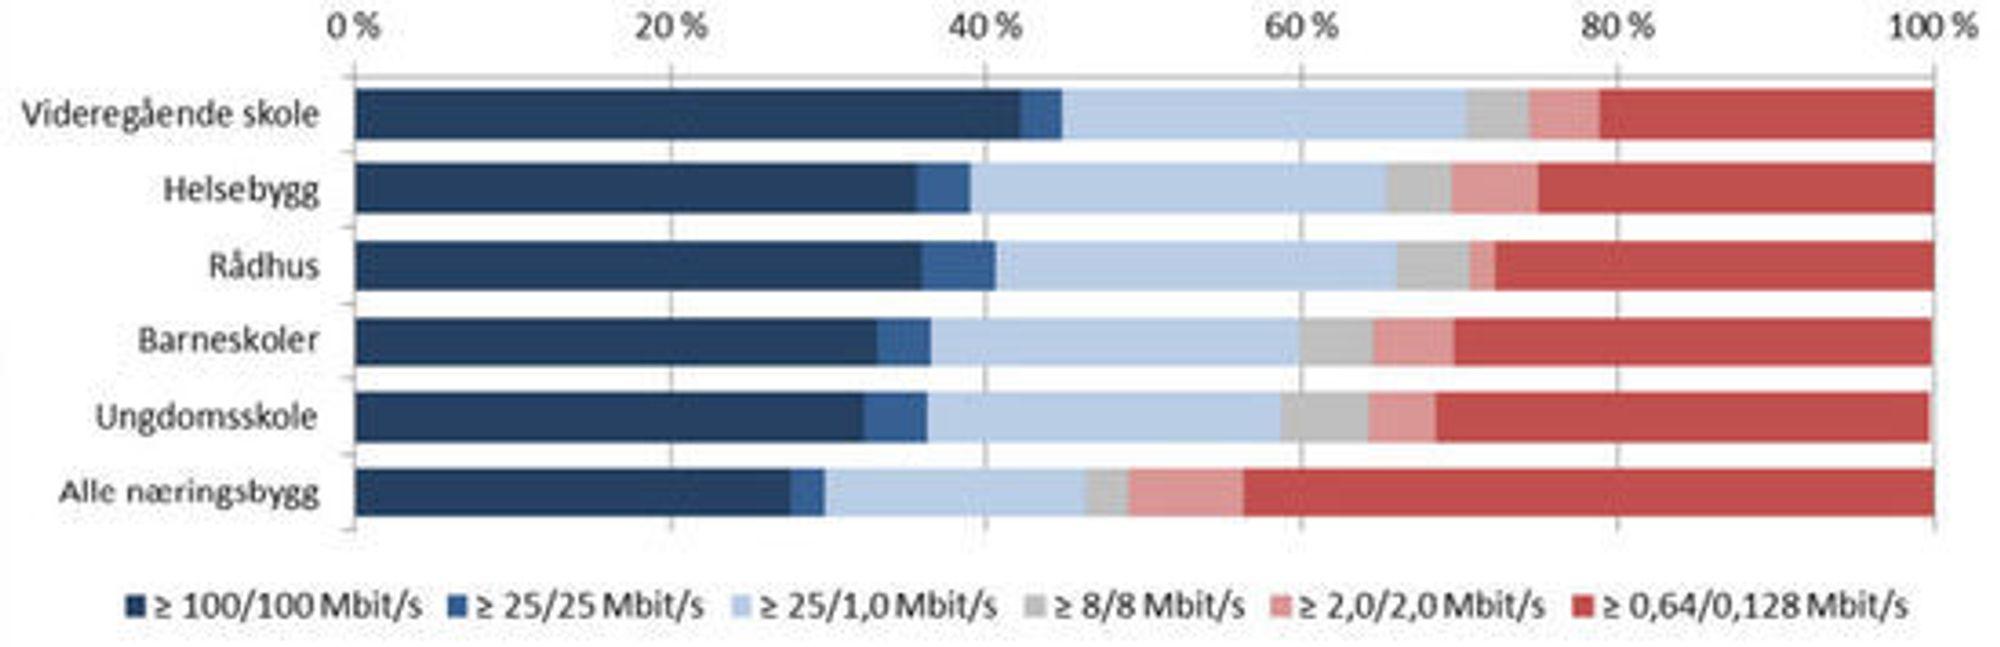 Tilbud om bredbåndskapasitet til norske næringsbygg i 2012.